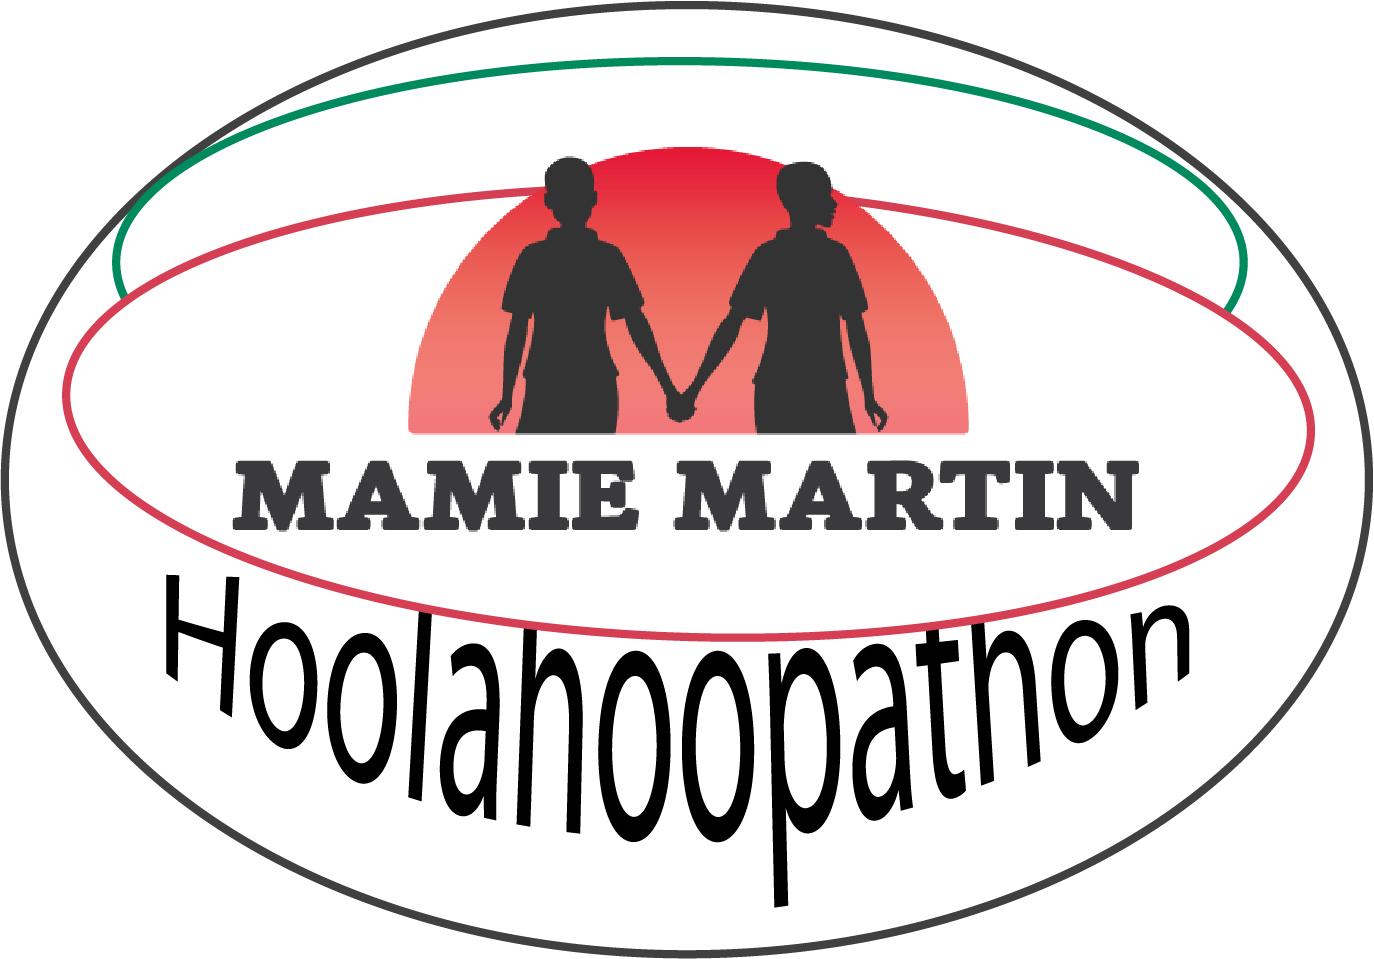 Hoolahoopathon